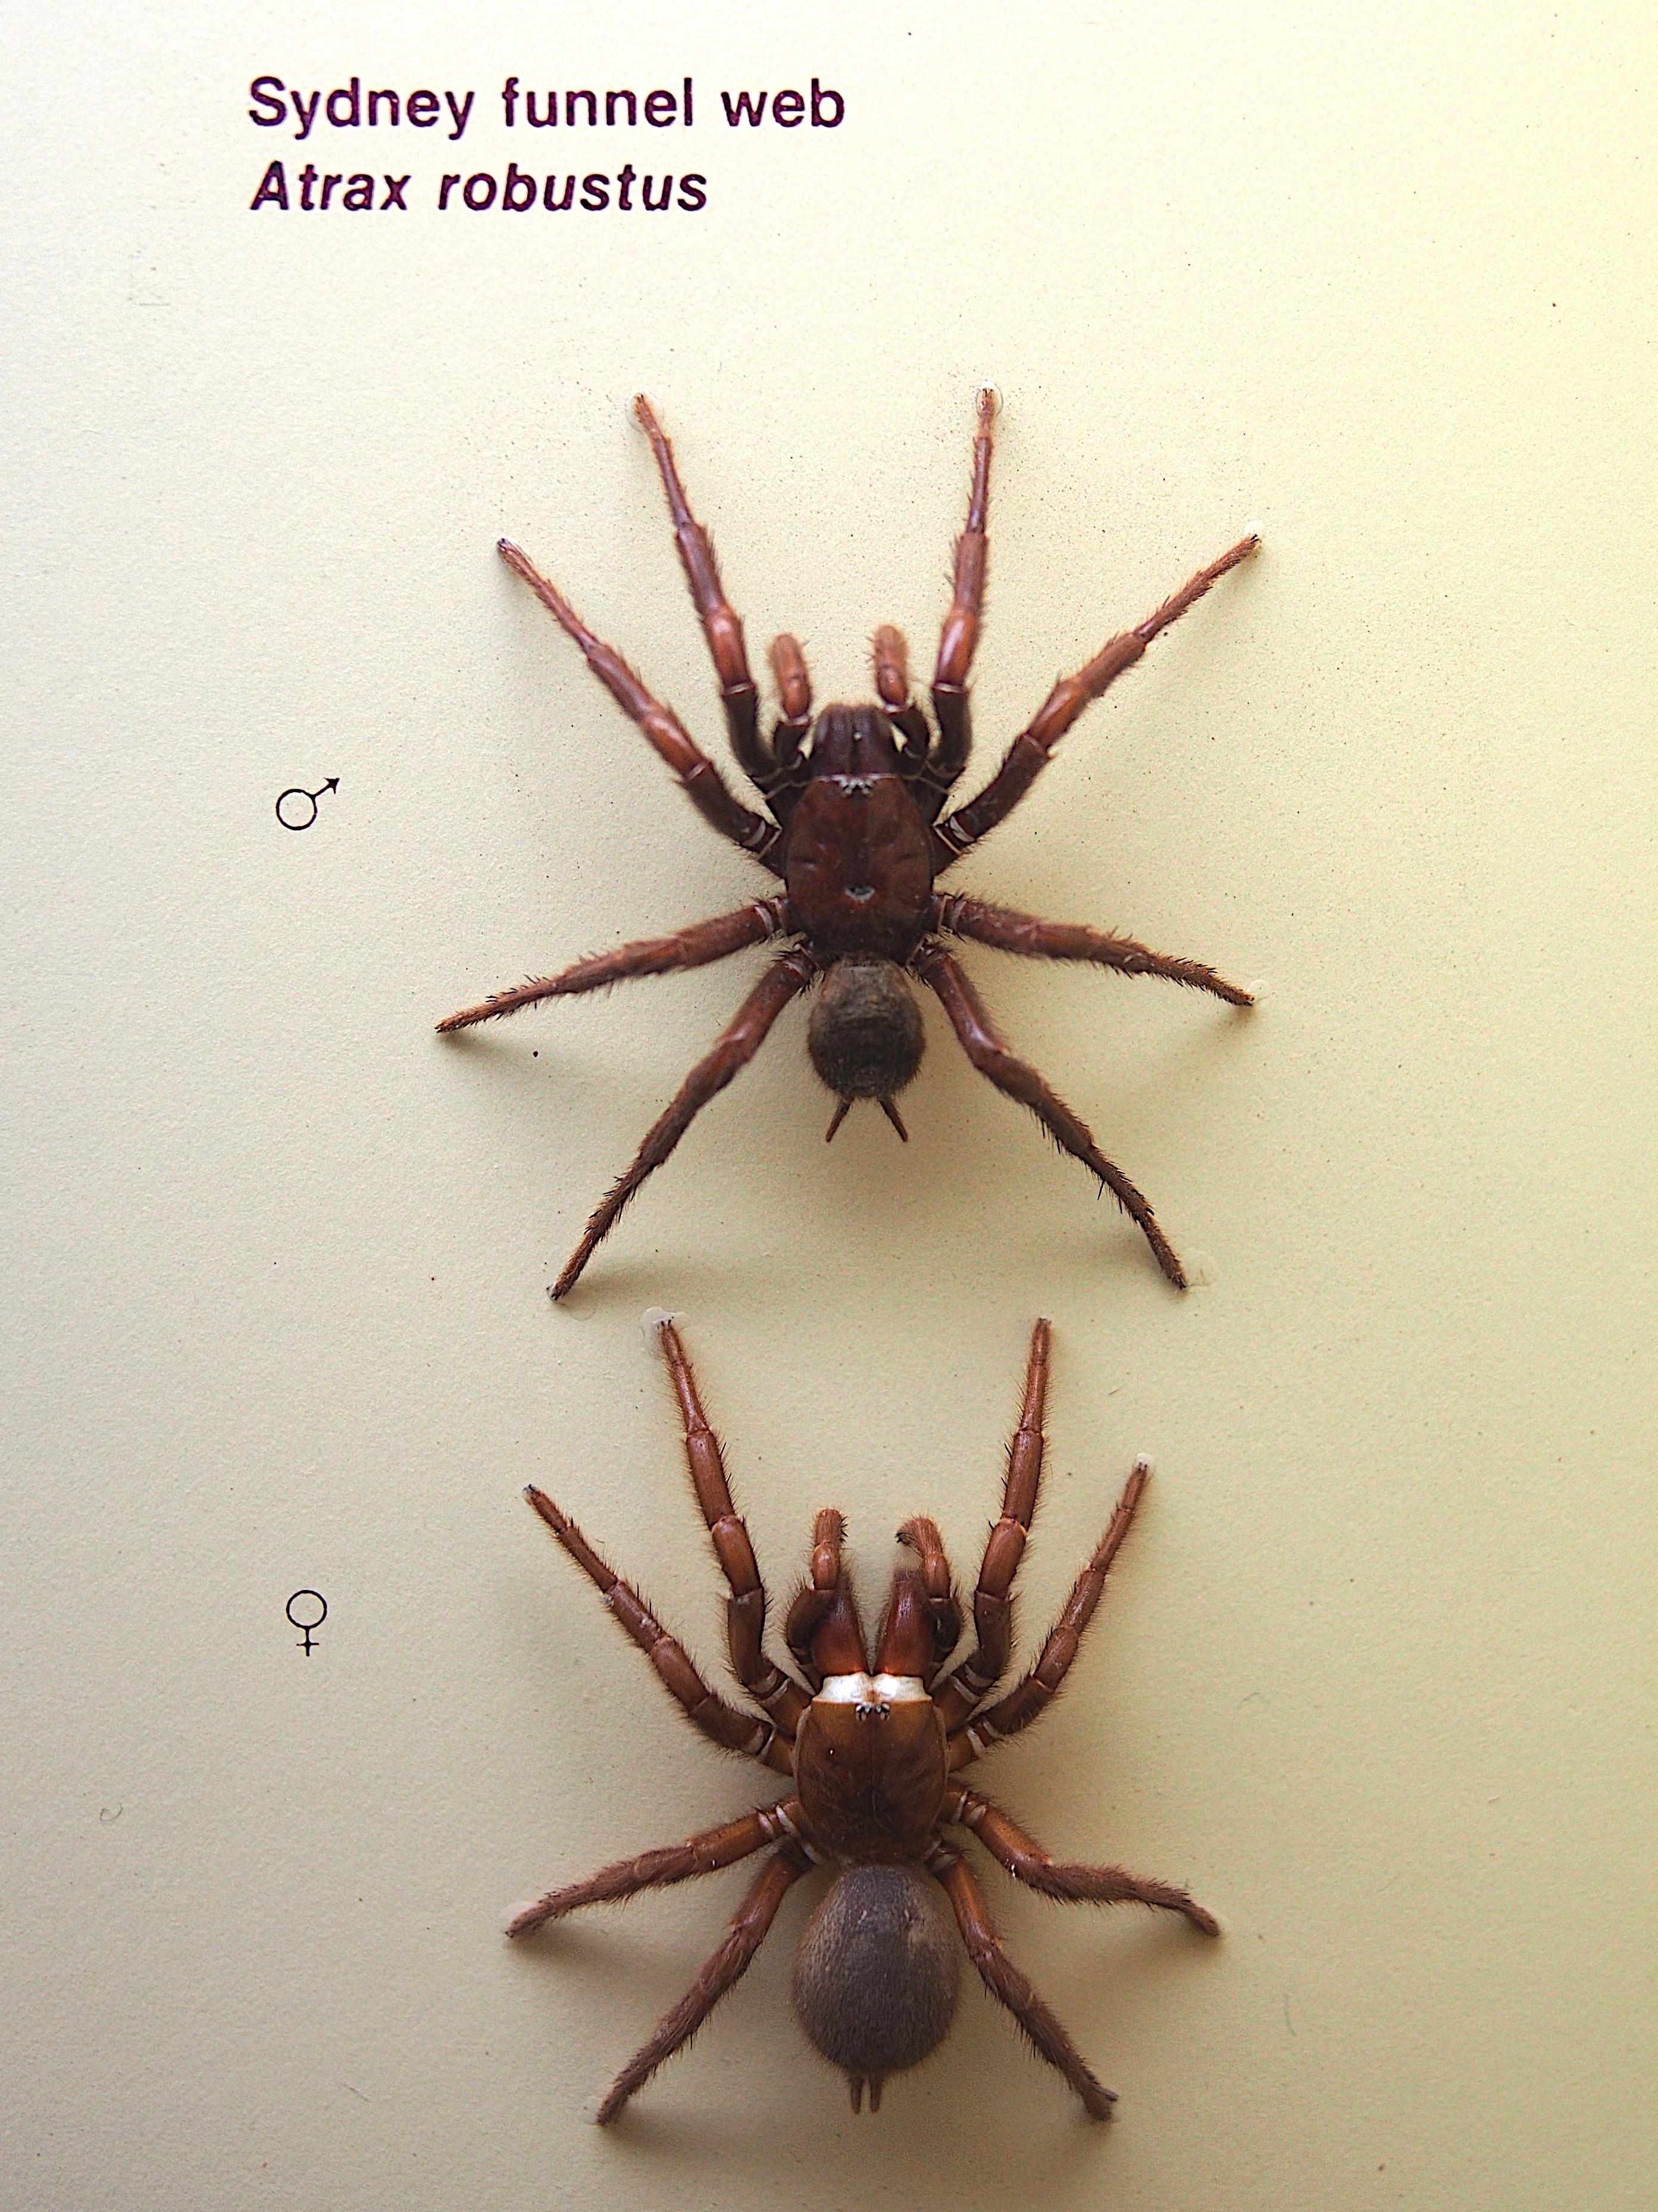 Image of Sydney funnel-web spider